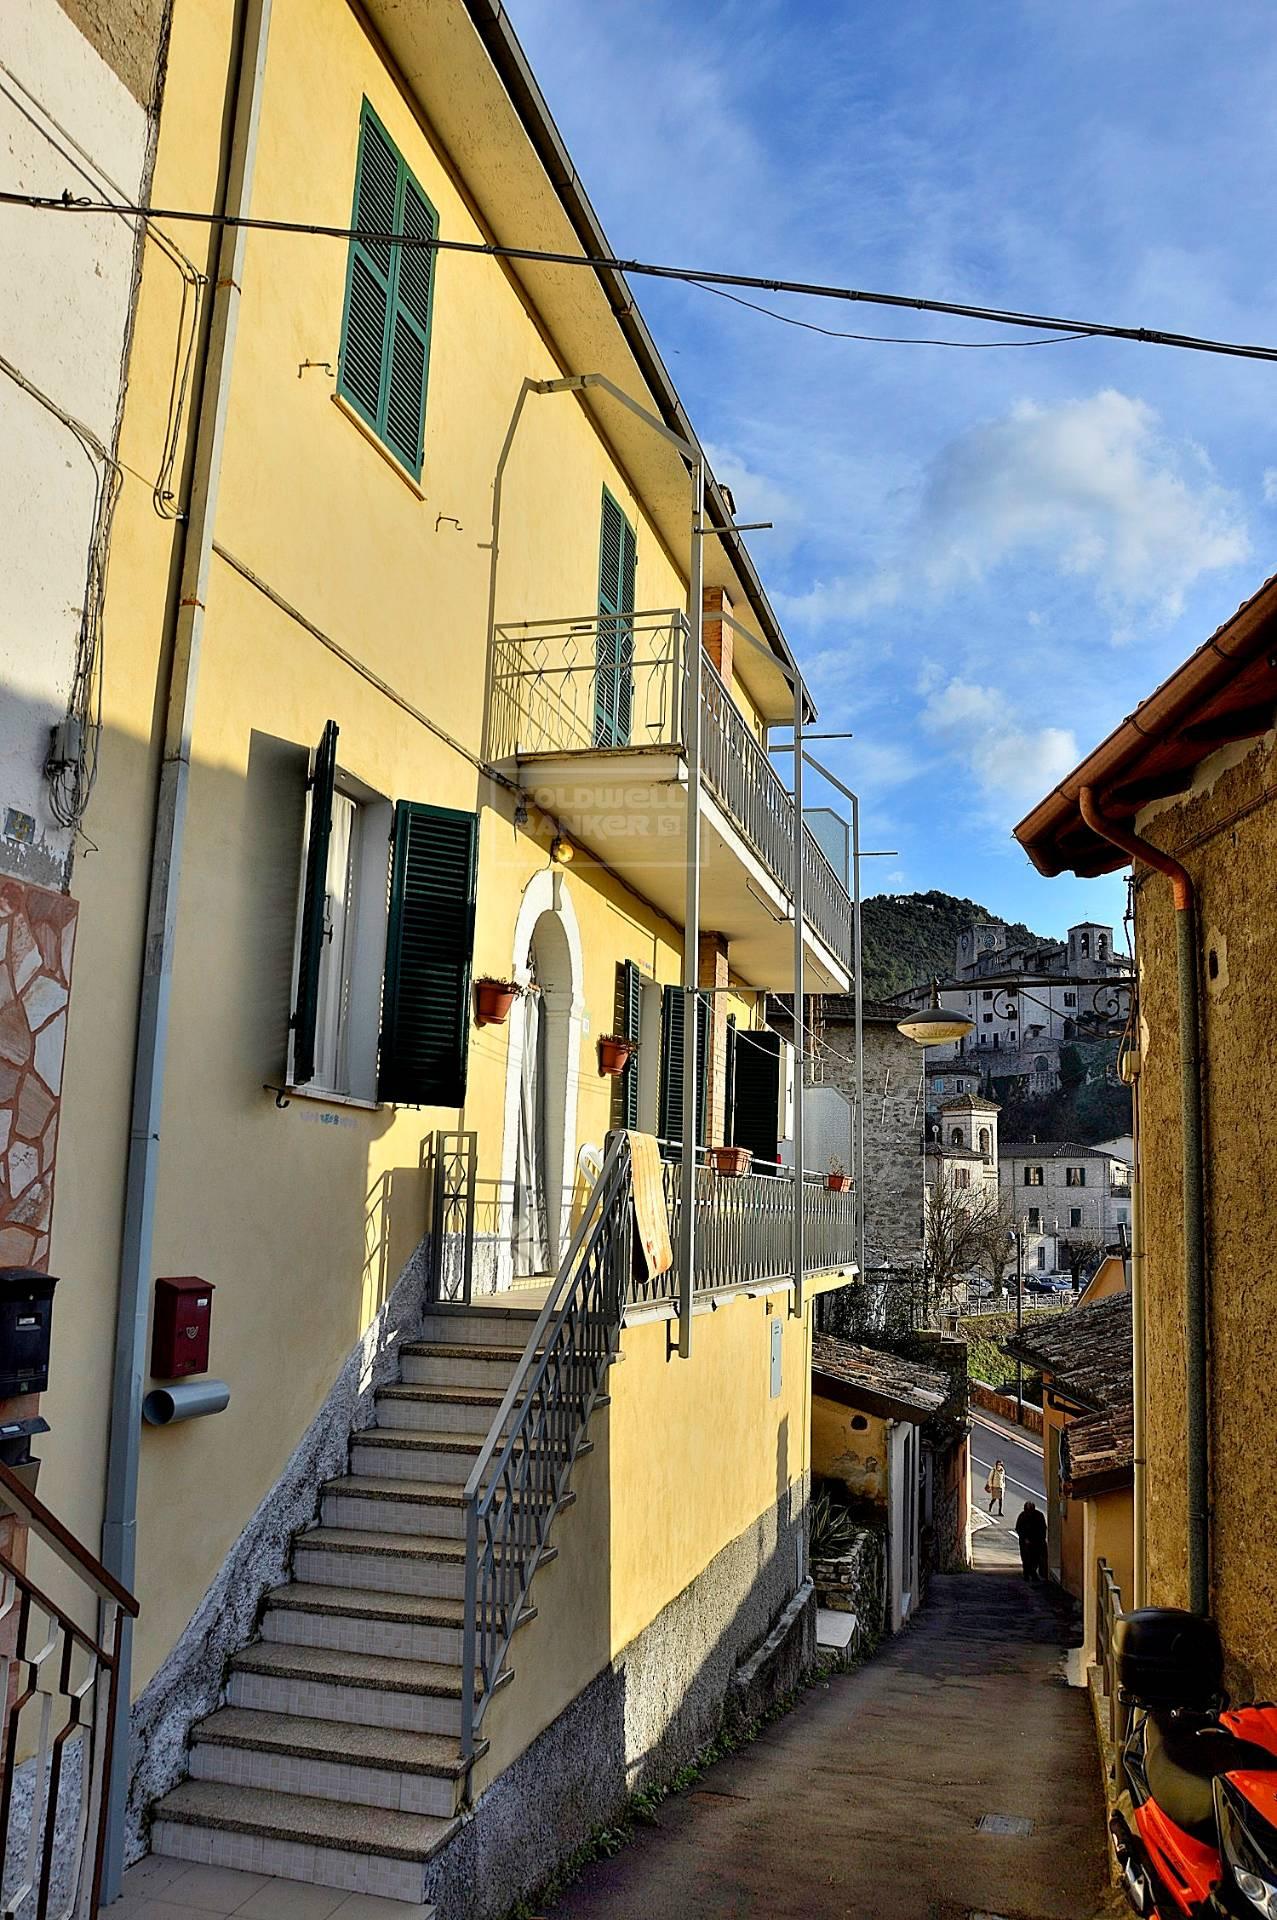 Appartamento in vendita a Arrone, 4 locali, zona Località: Arrone-Centro, prezzo € 67.000 | CambioCasa.it